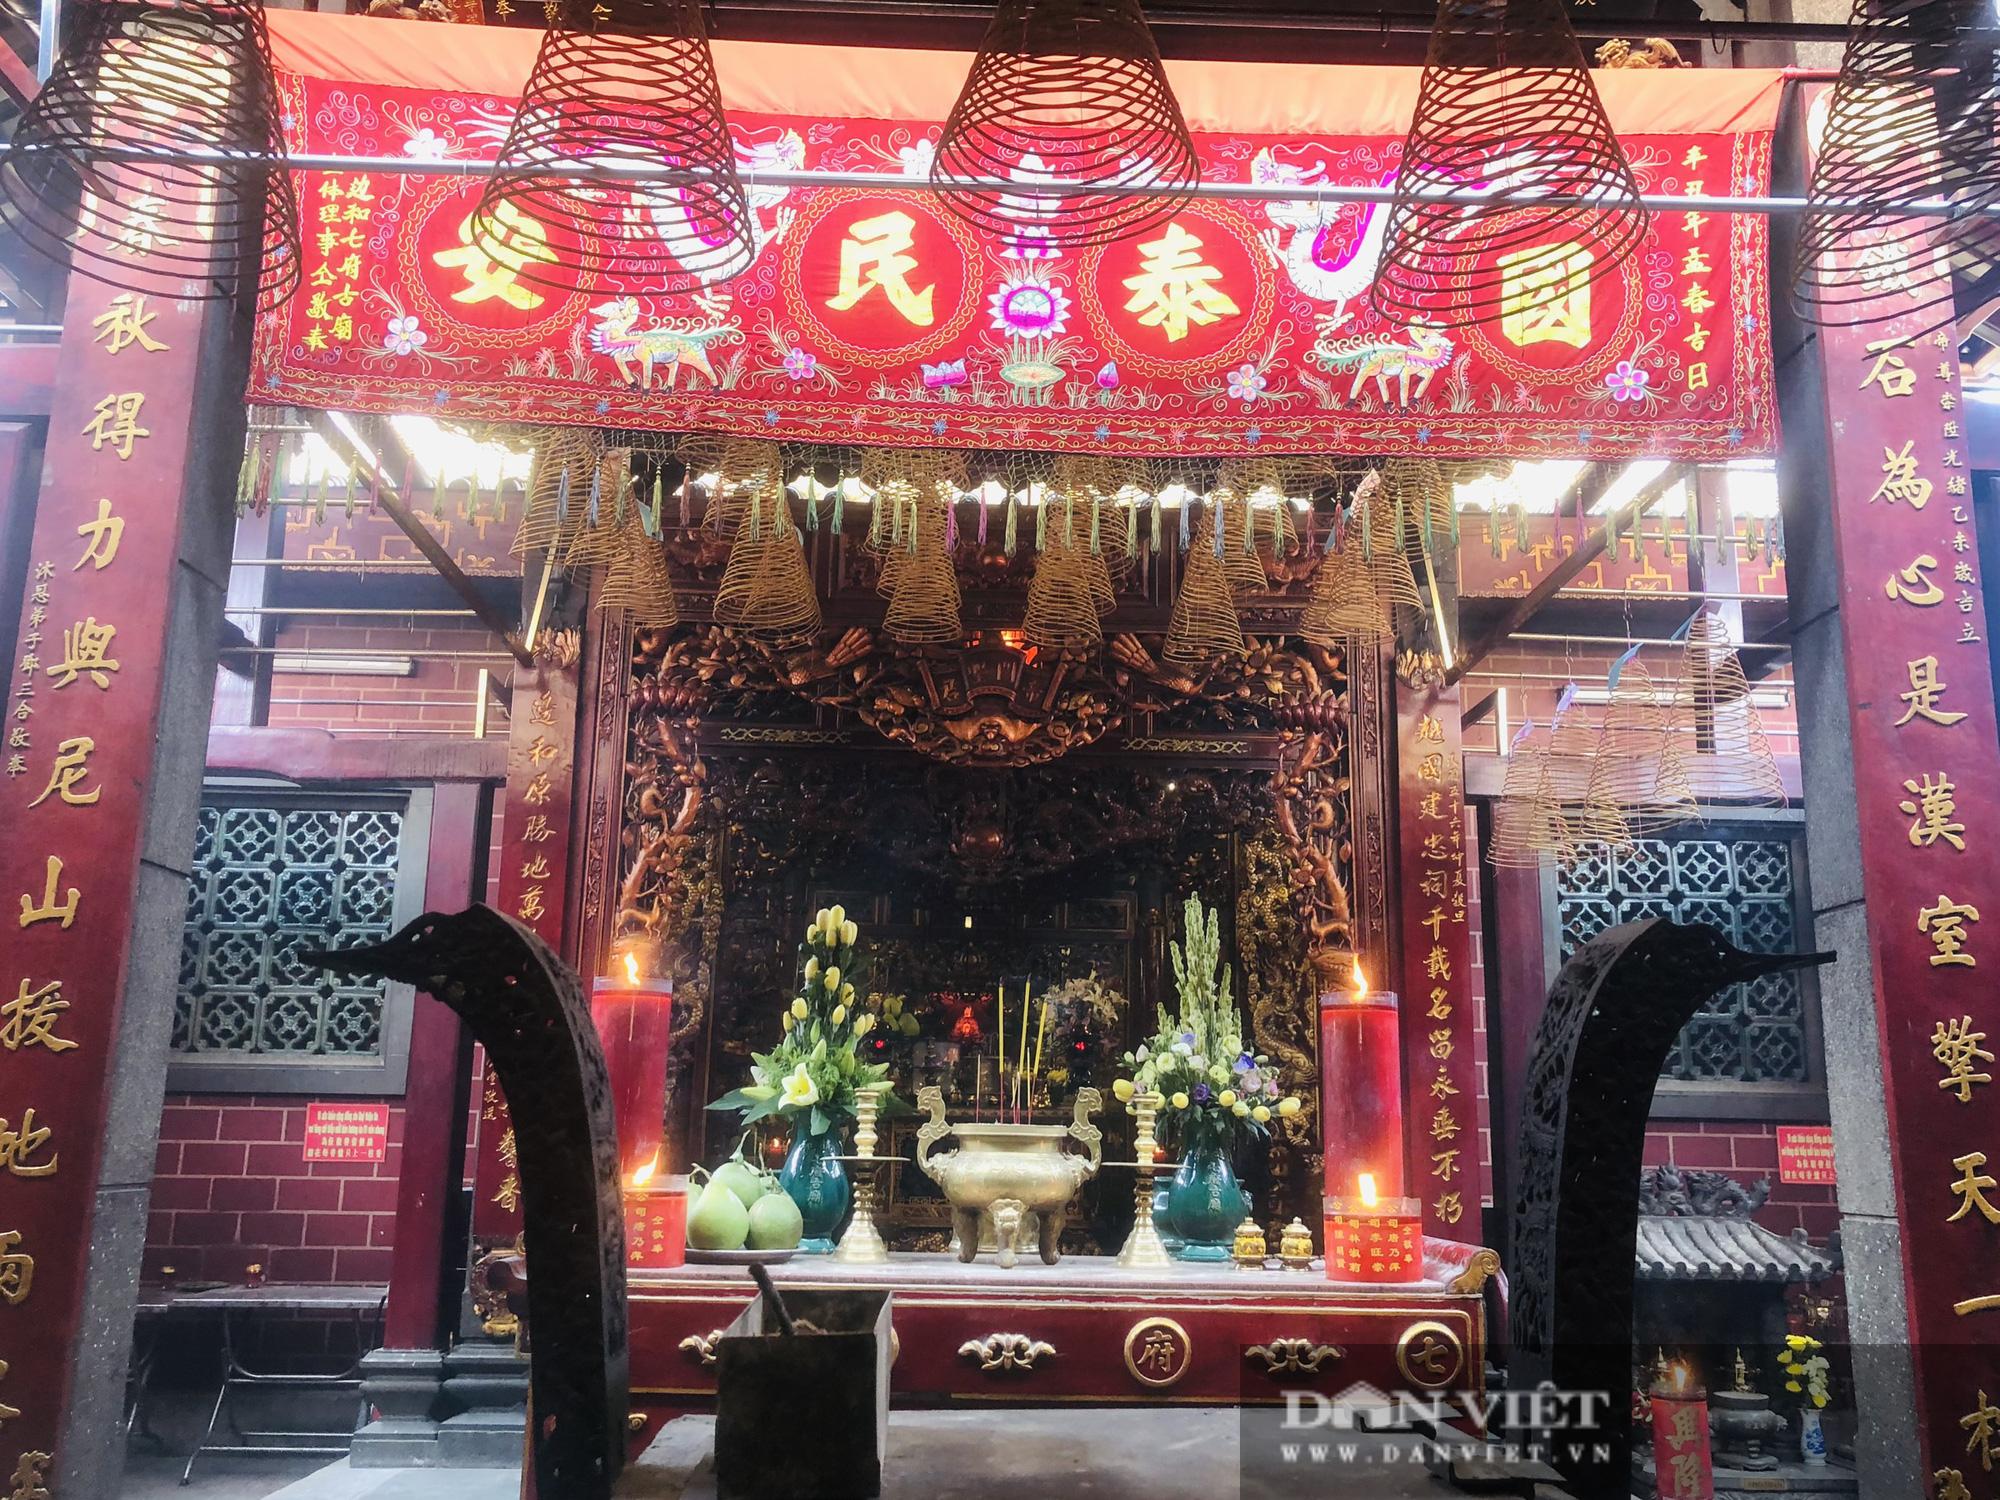 Thất phủ cổ miếu: Ngôi chùa Hoa đầu tiên ở Nam Bộ, nơi giao thoa giữa hai nền văn hoá Việt – Hoa - Ảnh 9.